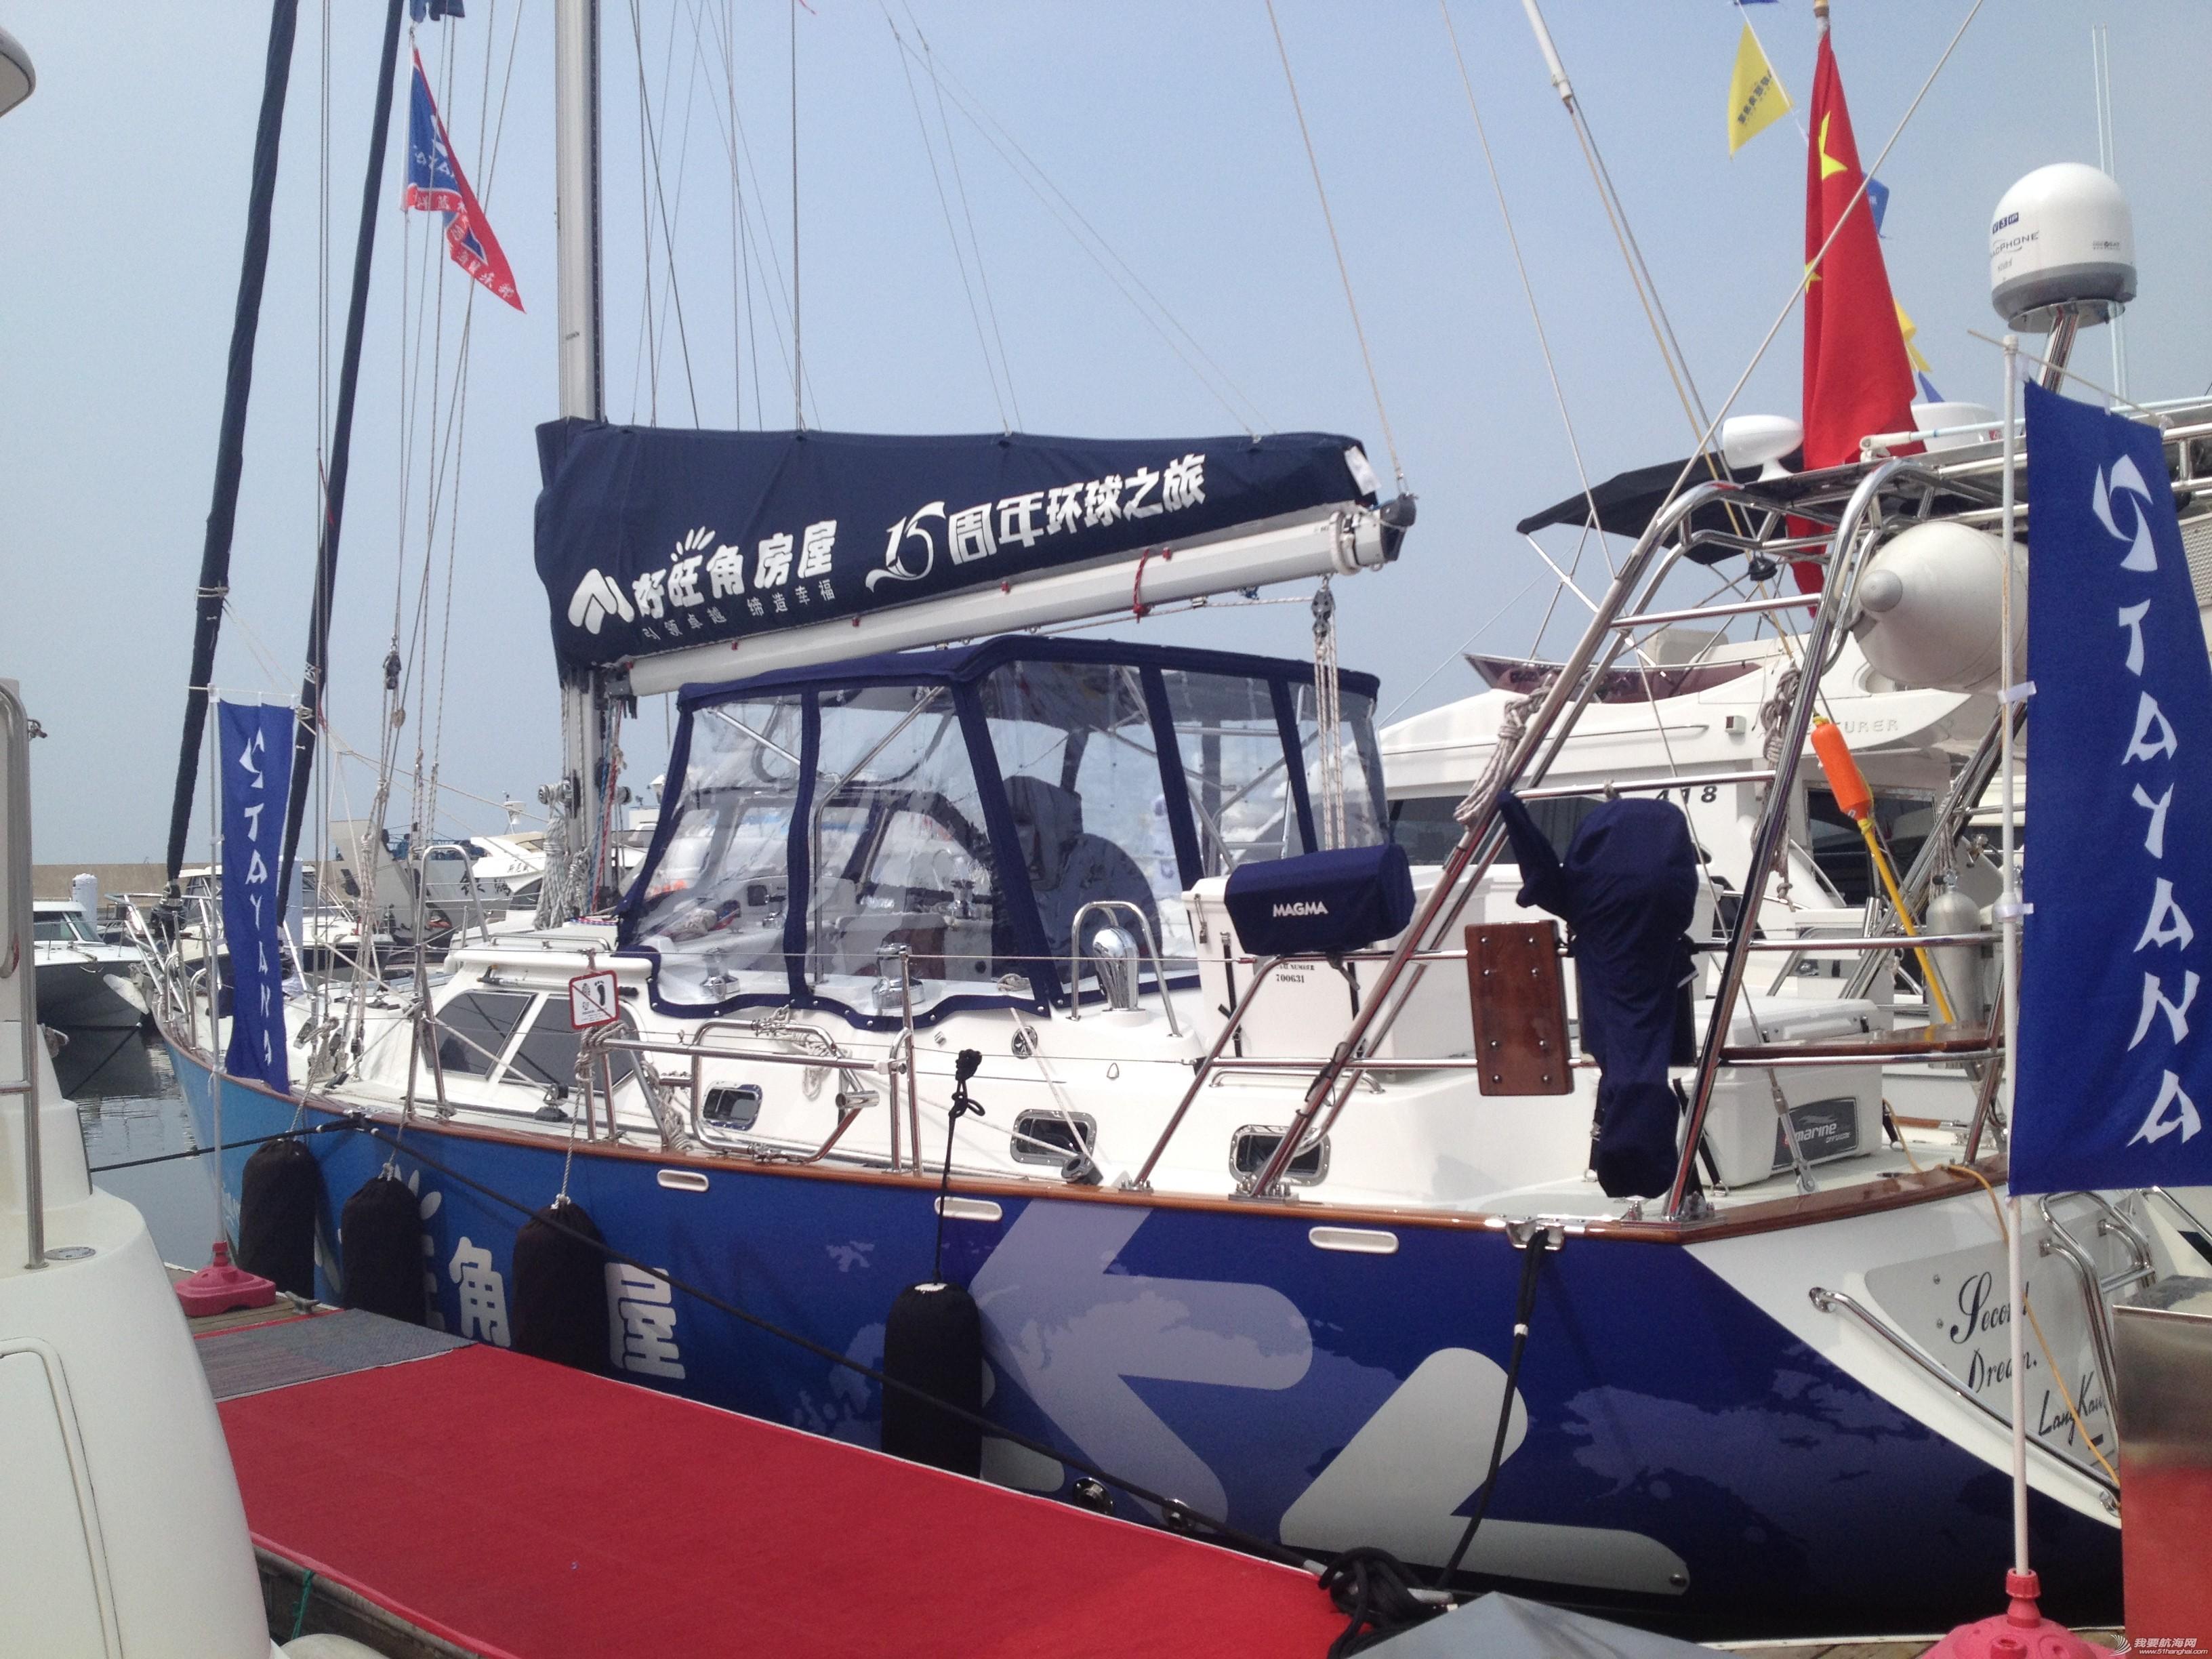 薛家平拜访7月即将开始环球航行的高民船长并交流航海路线 IMG_4582.JPG